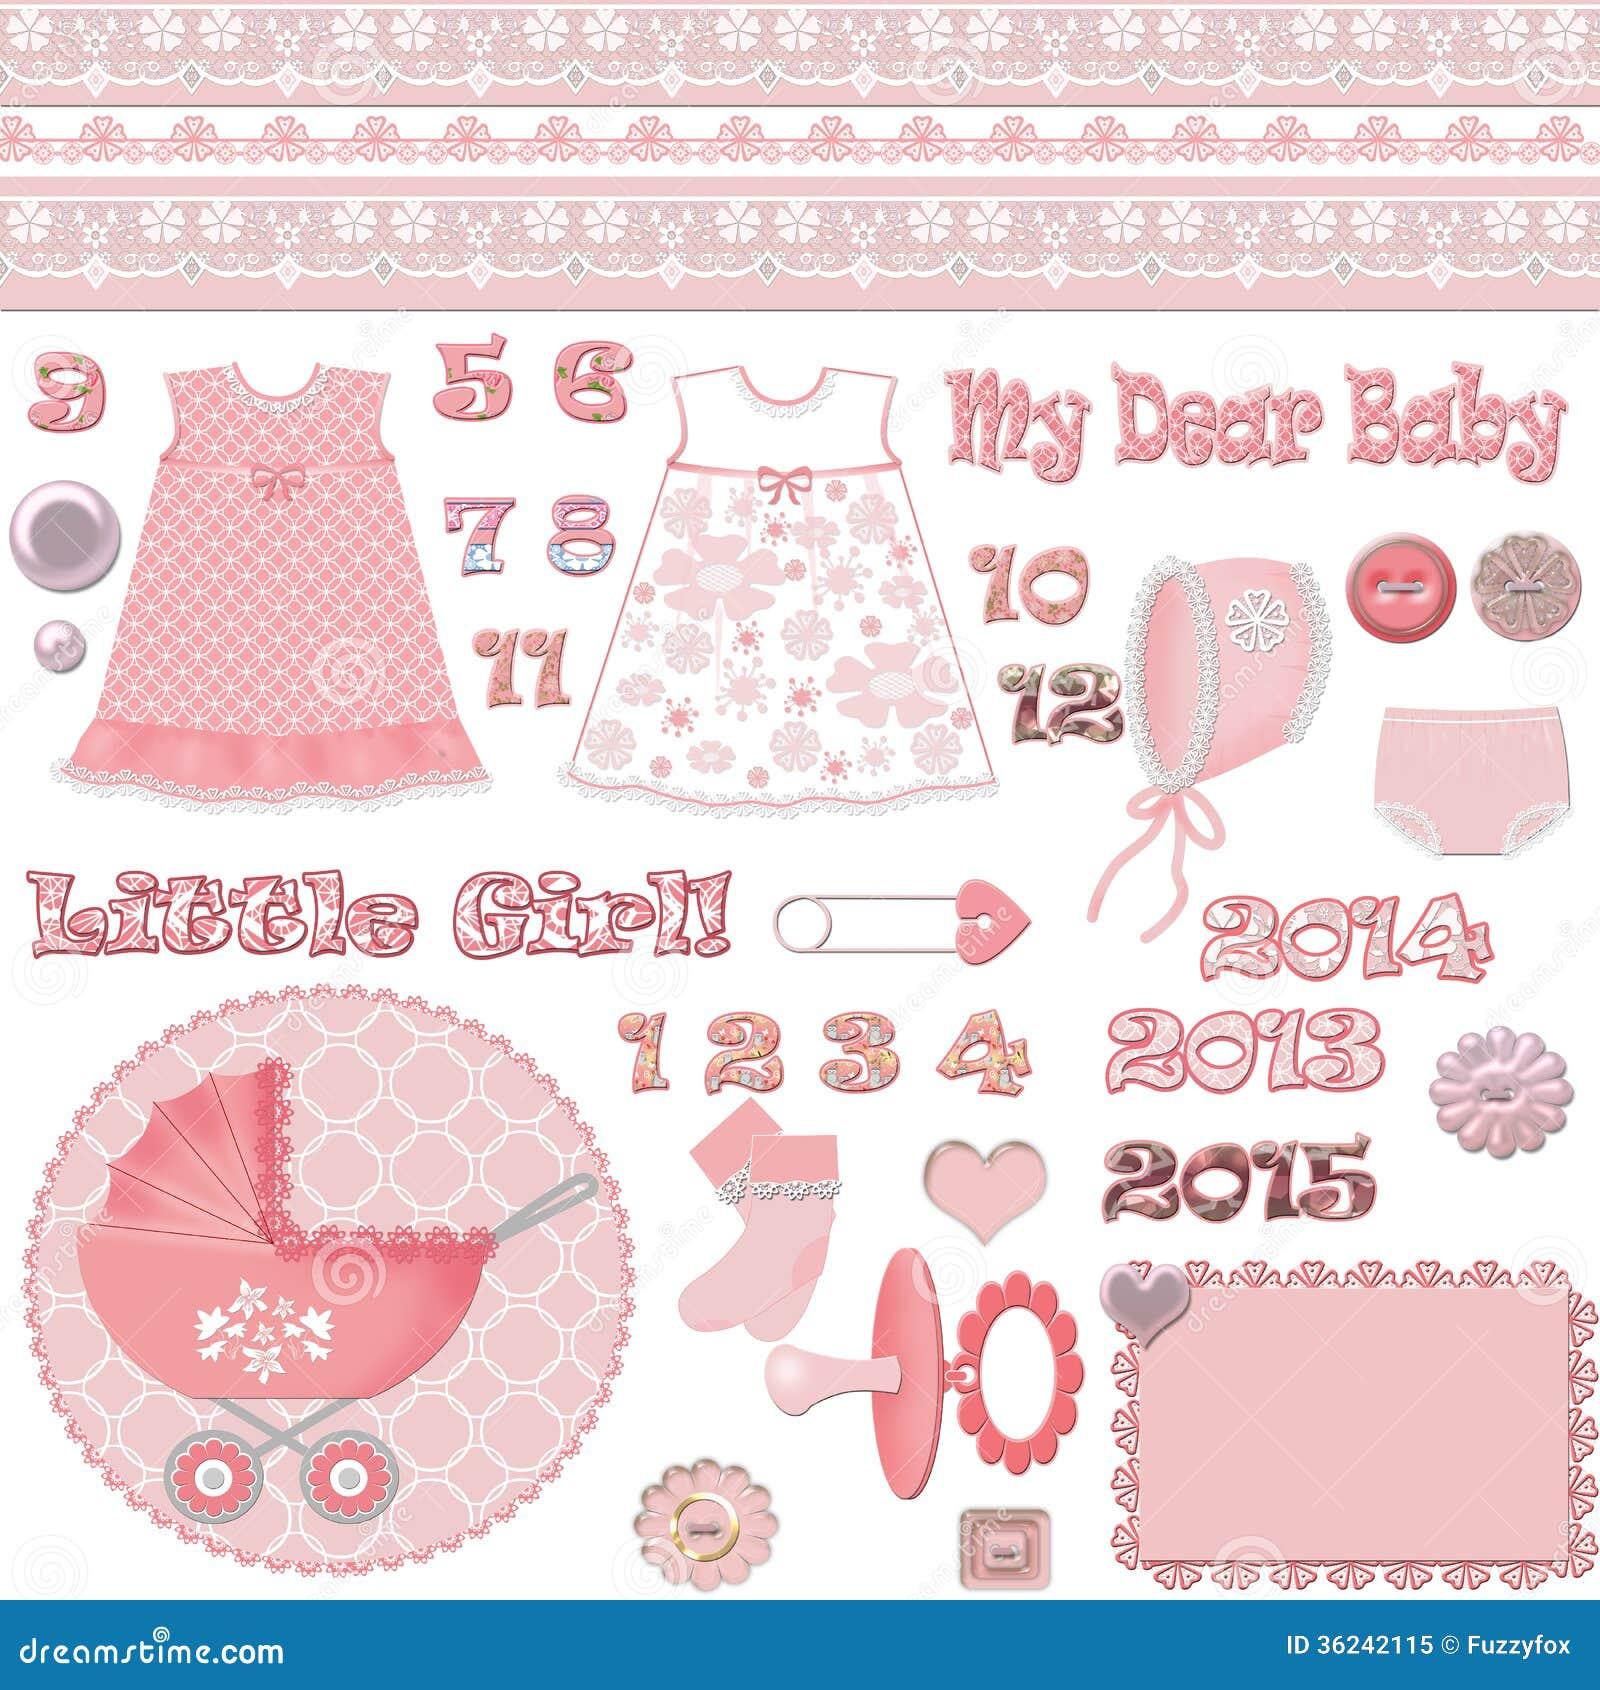 How to scrapbook for baby girl - Scrapbook Baby Shower Girl Set